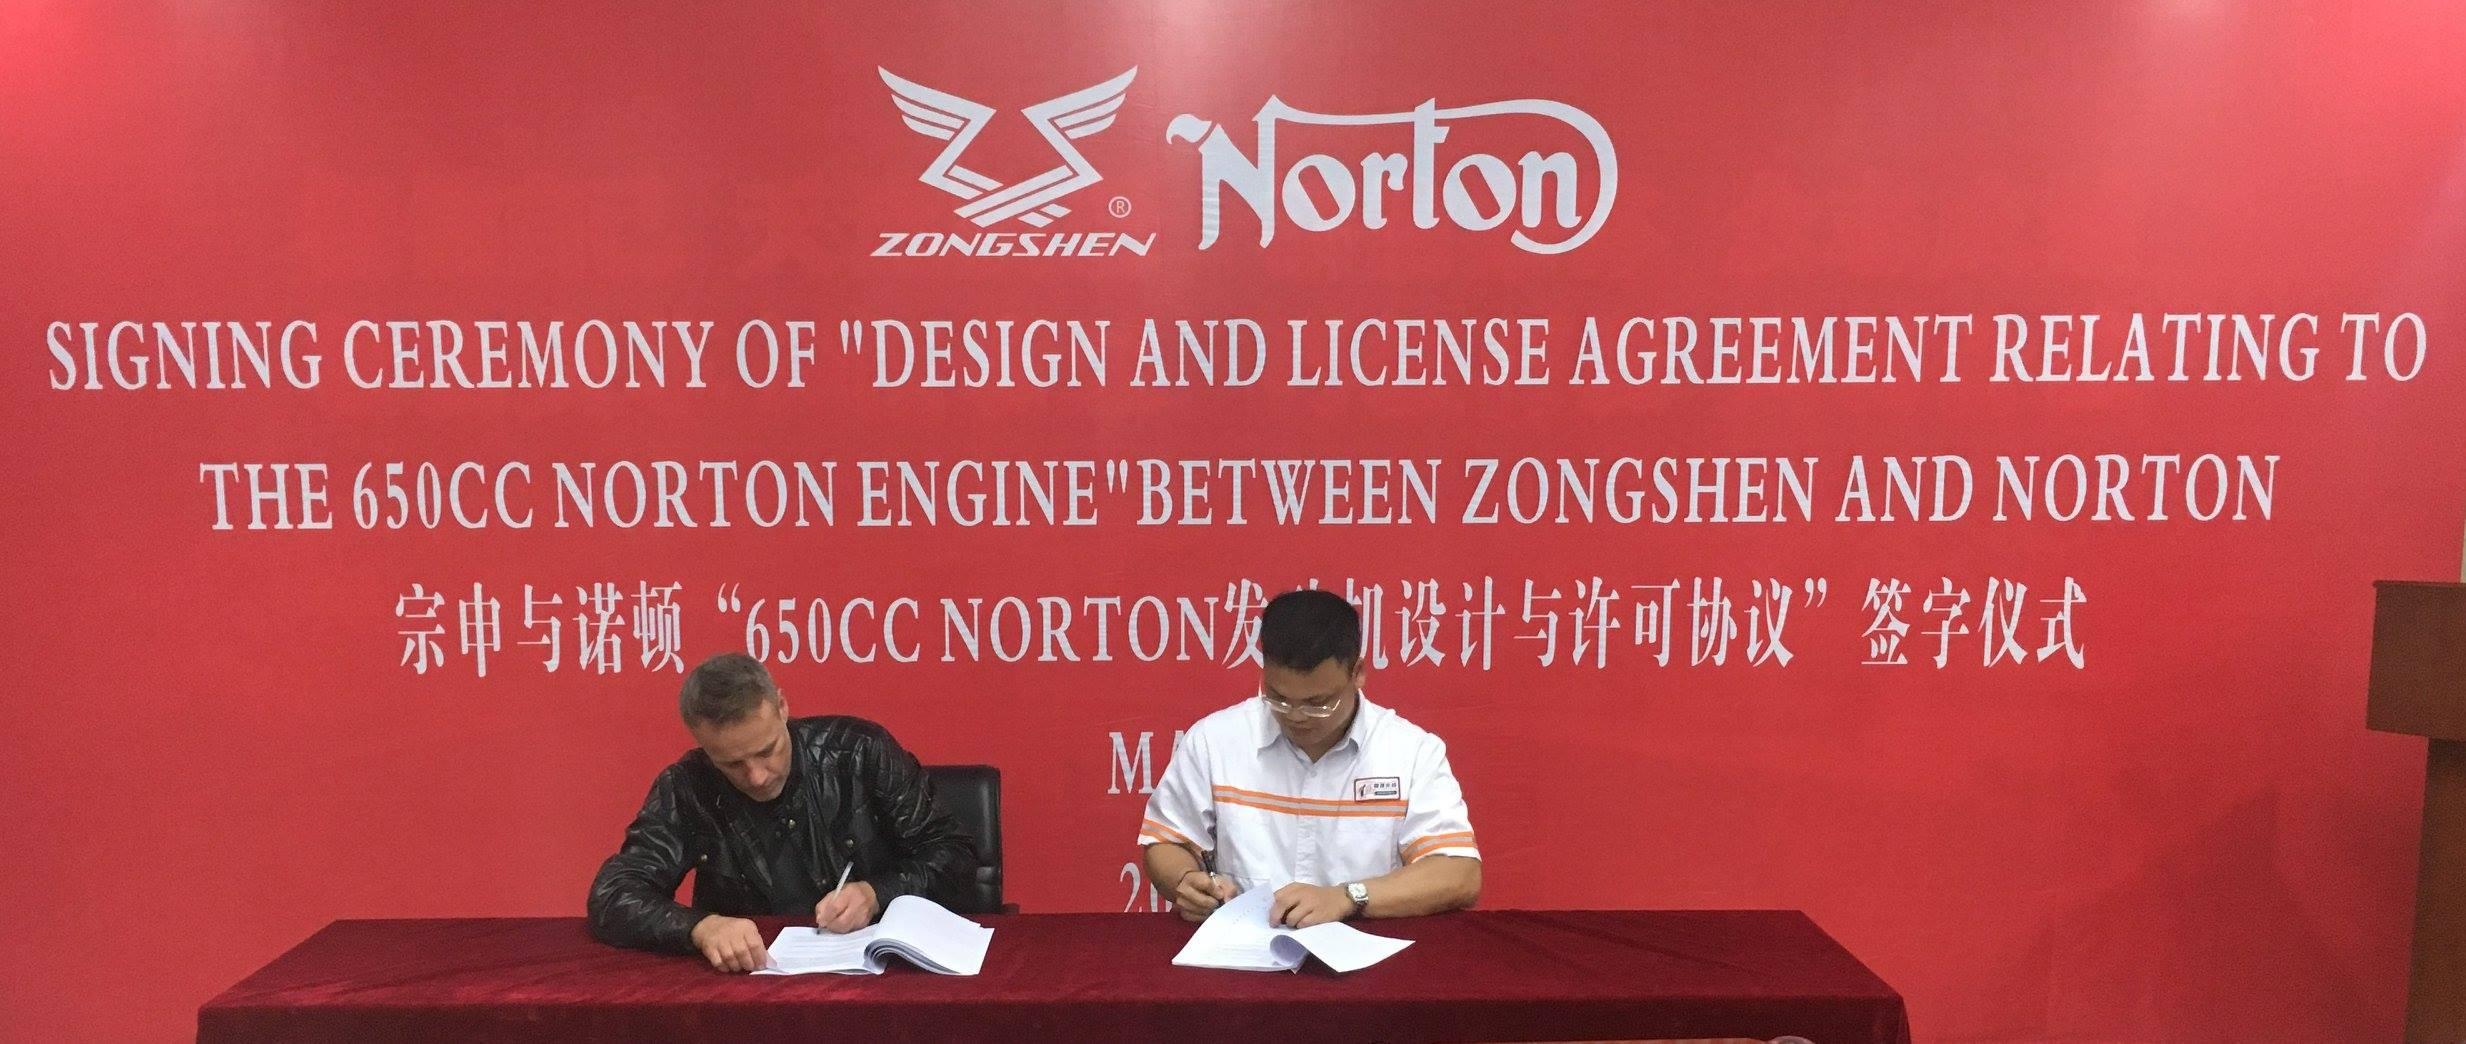 Norton rangkul Zongshen bikin mesin baru twin 650cc